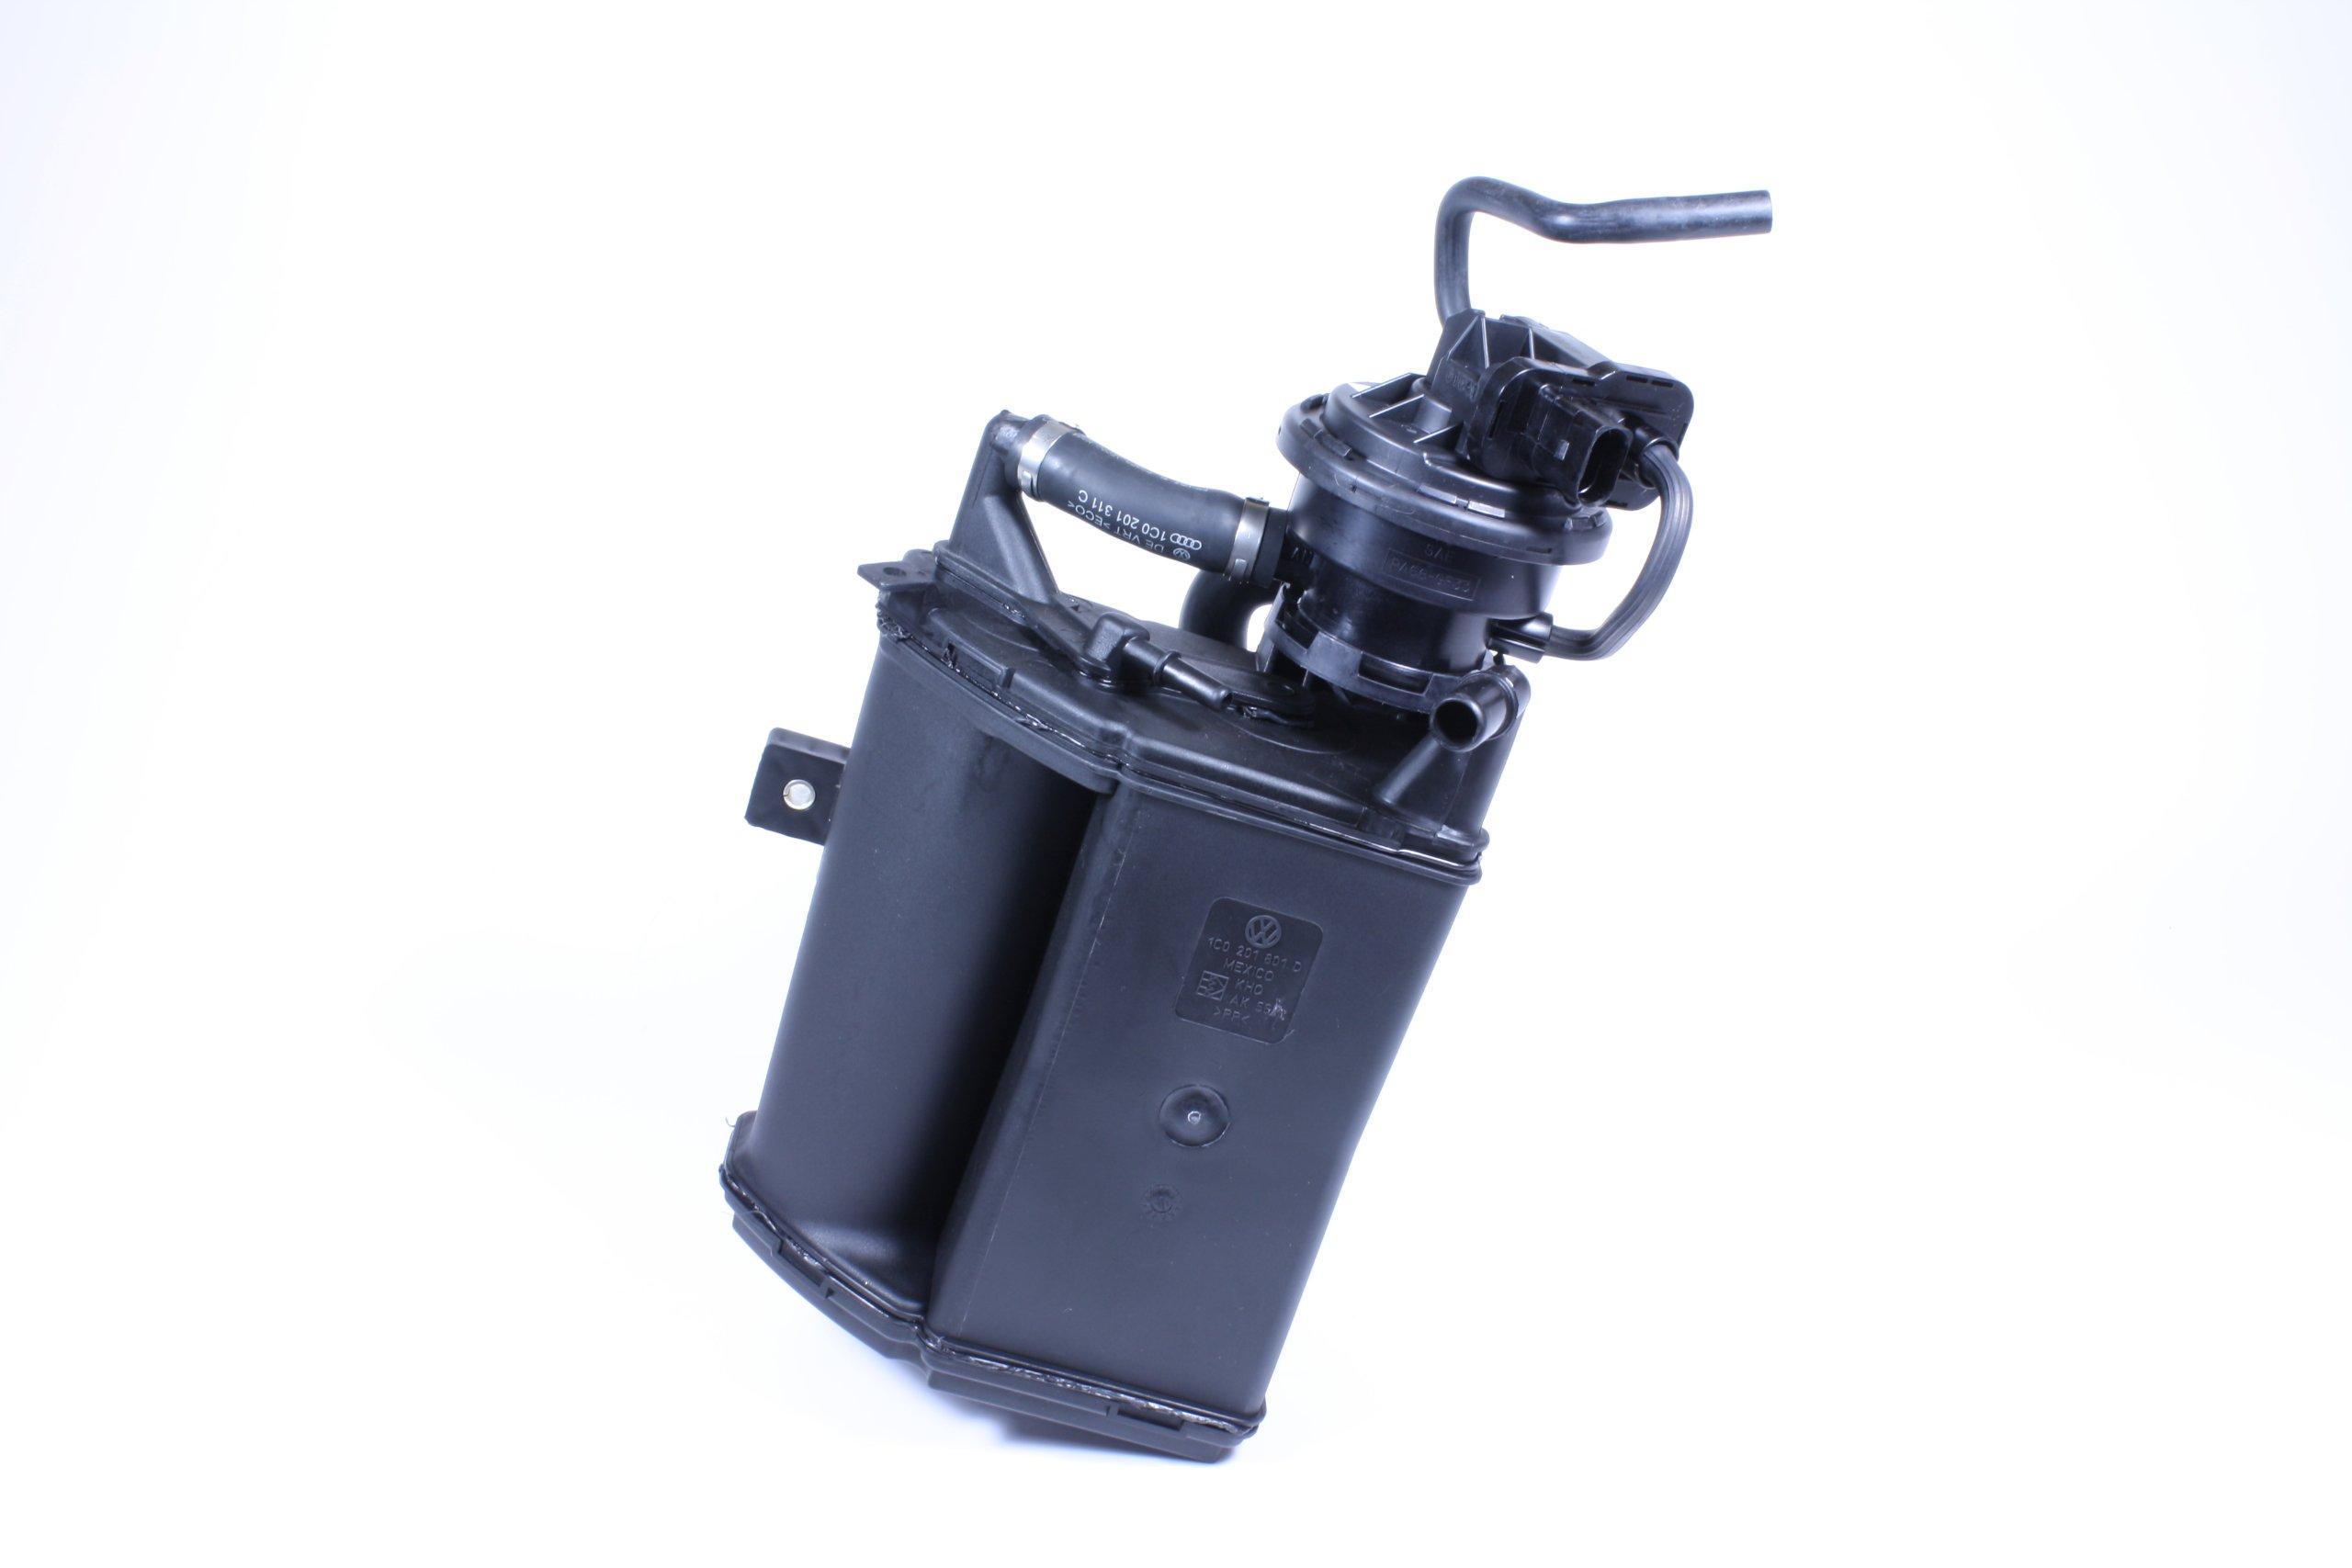 Genuine Volkswagen Beetle Evap (charcoal) Canister 1C0-201-797-H by Volkswagen